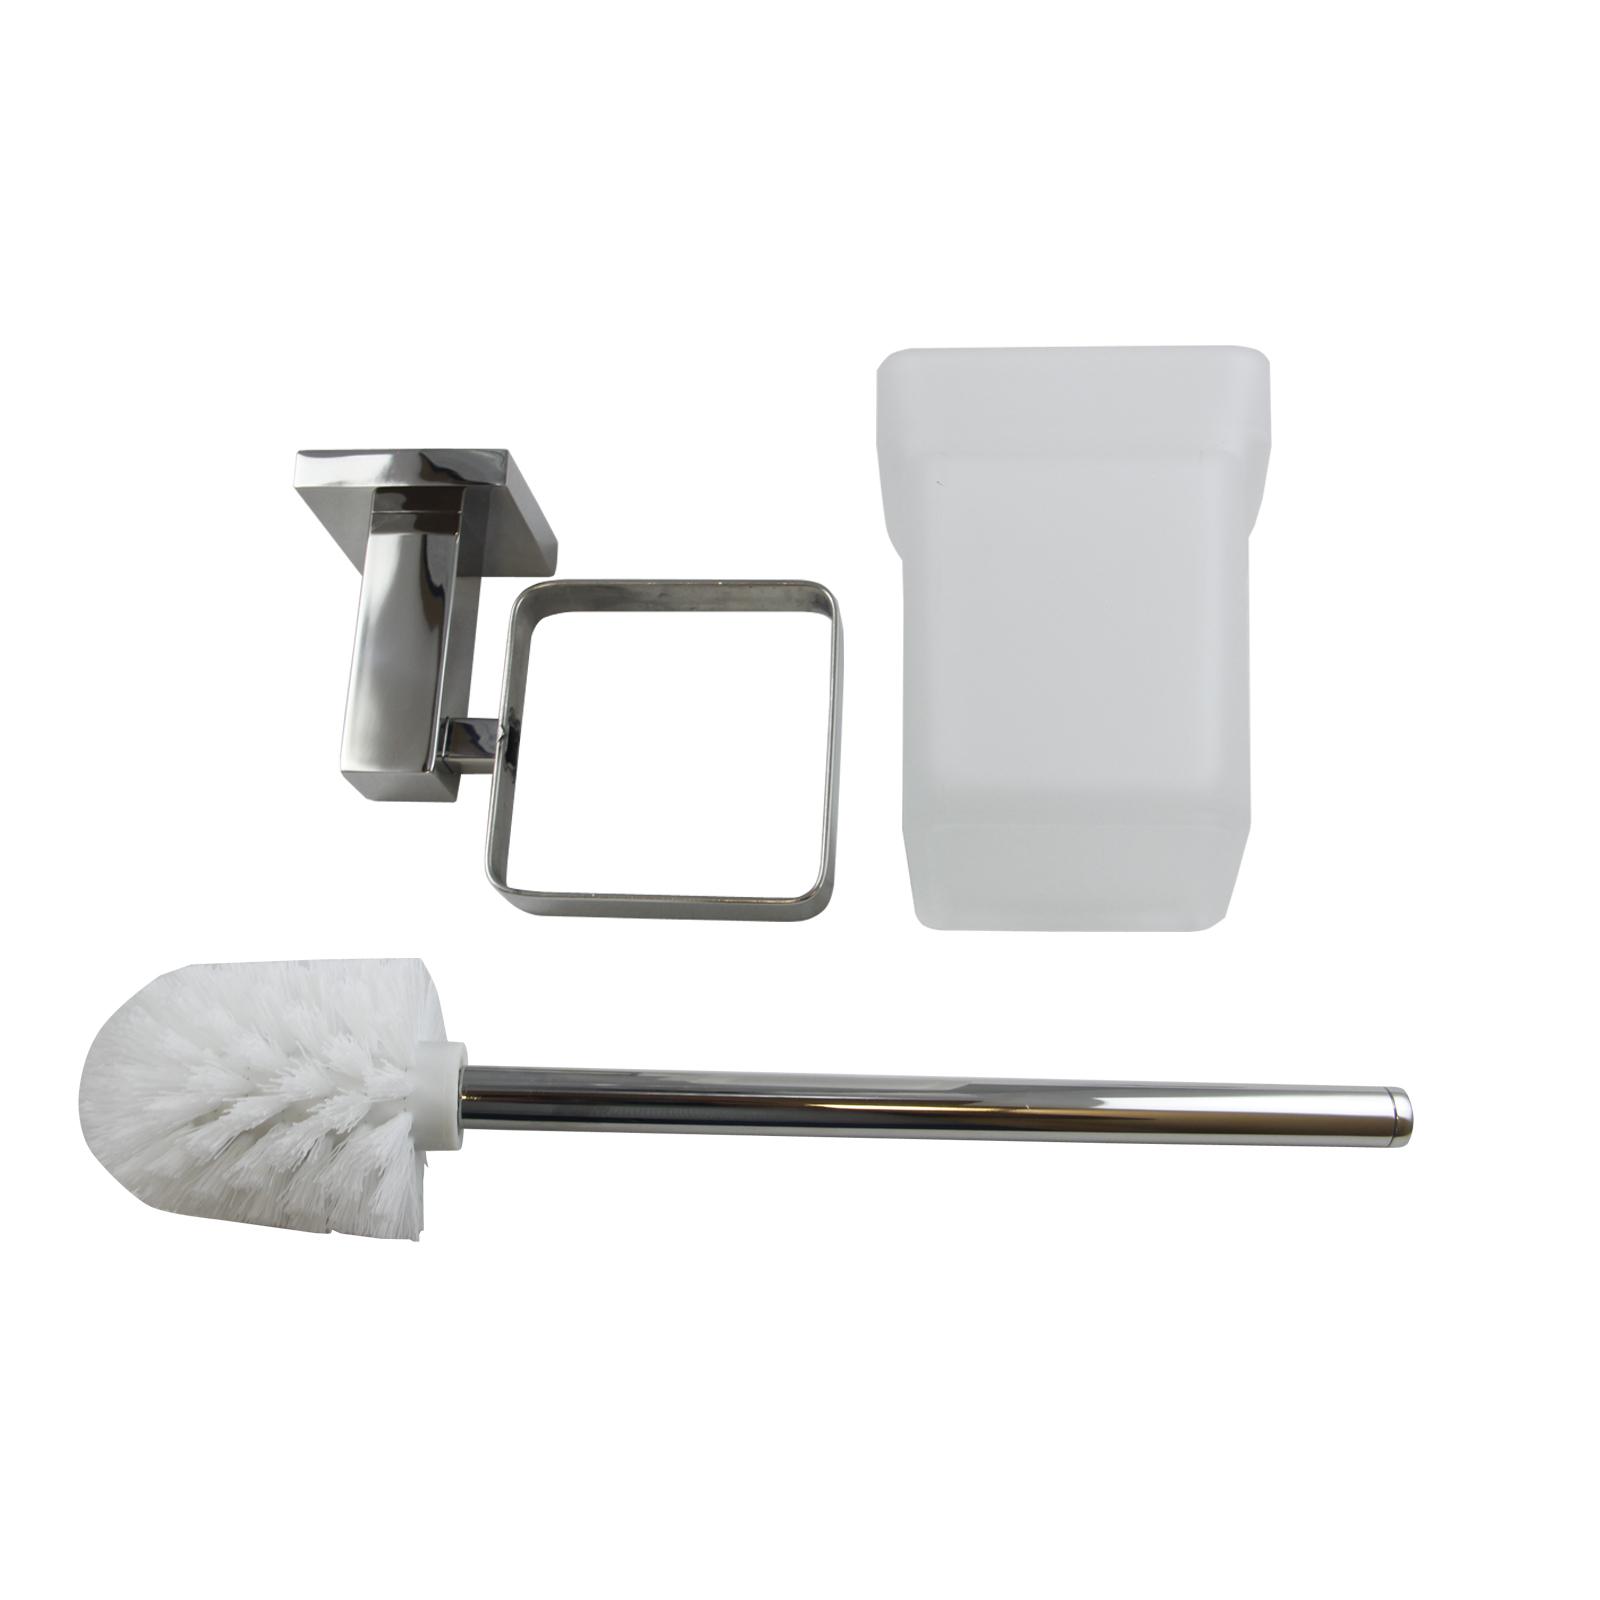 Bathroom Accessories Hand Towel Rail Rack Hook Toilet Brush Paper ...